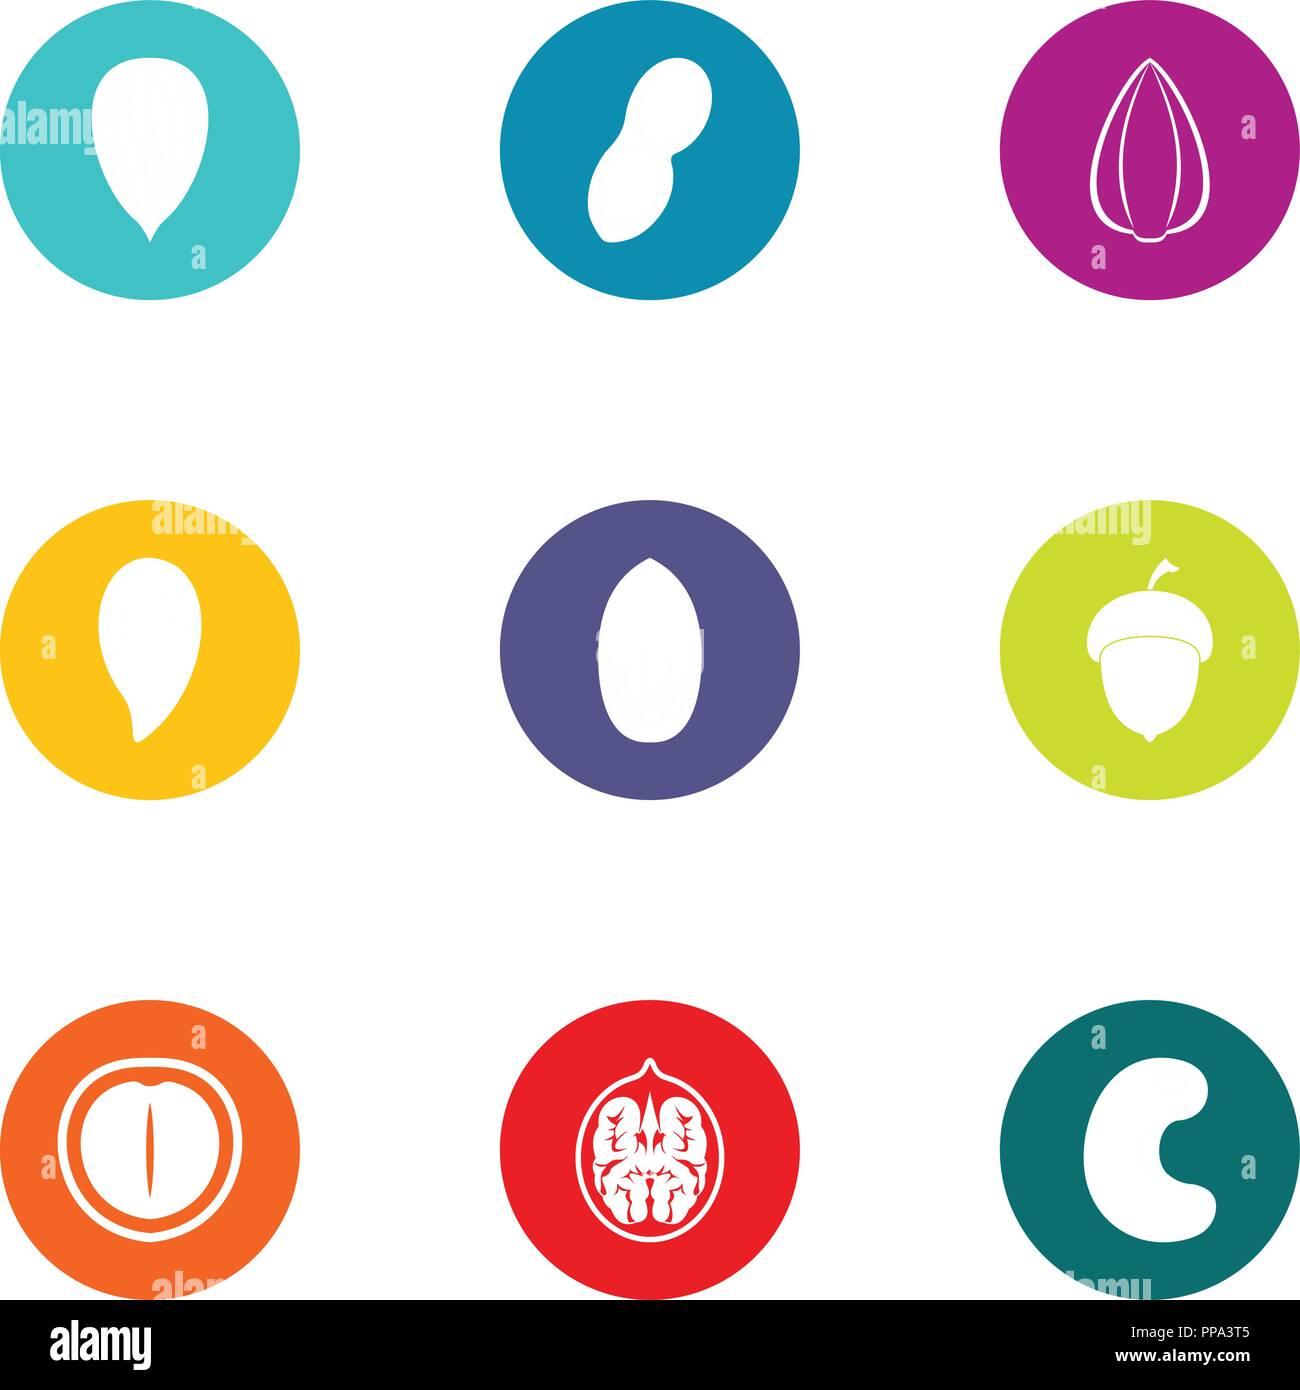 Tonsil icons set, flat style - Stock Image